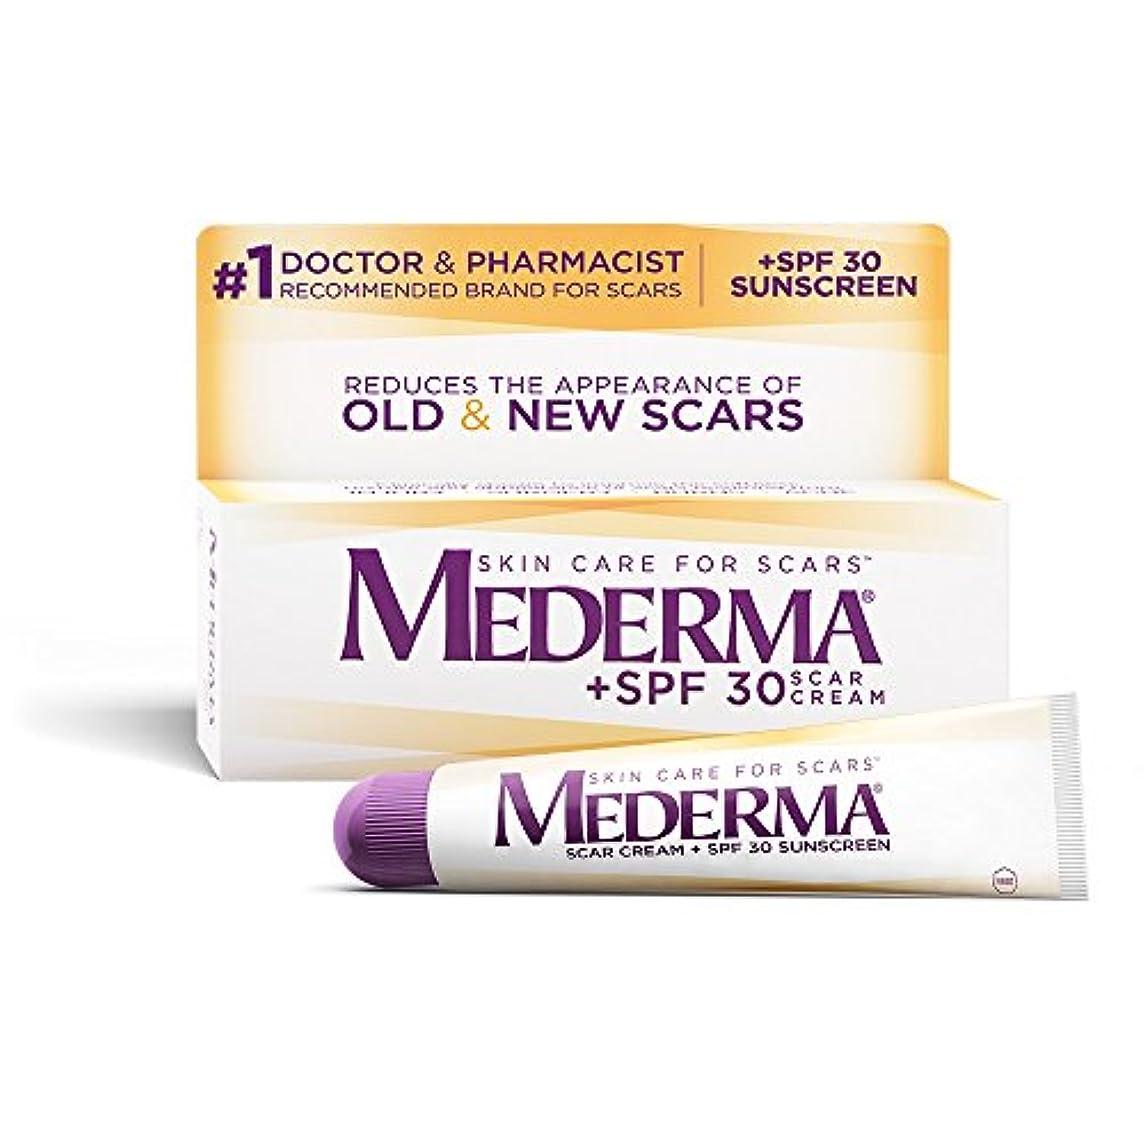 あいまいな神秘参照Mederma 社 日焼け止め成分SPF30配合 メドロマ(メデルマ) 1本 20g Mederma Scar Cream Plus SPF 30